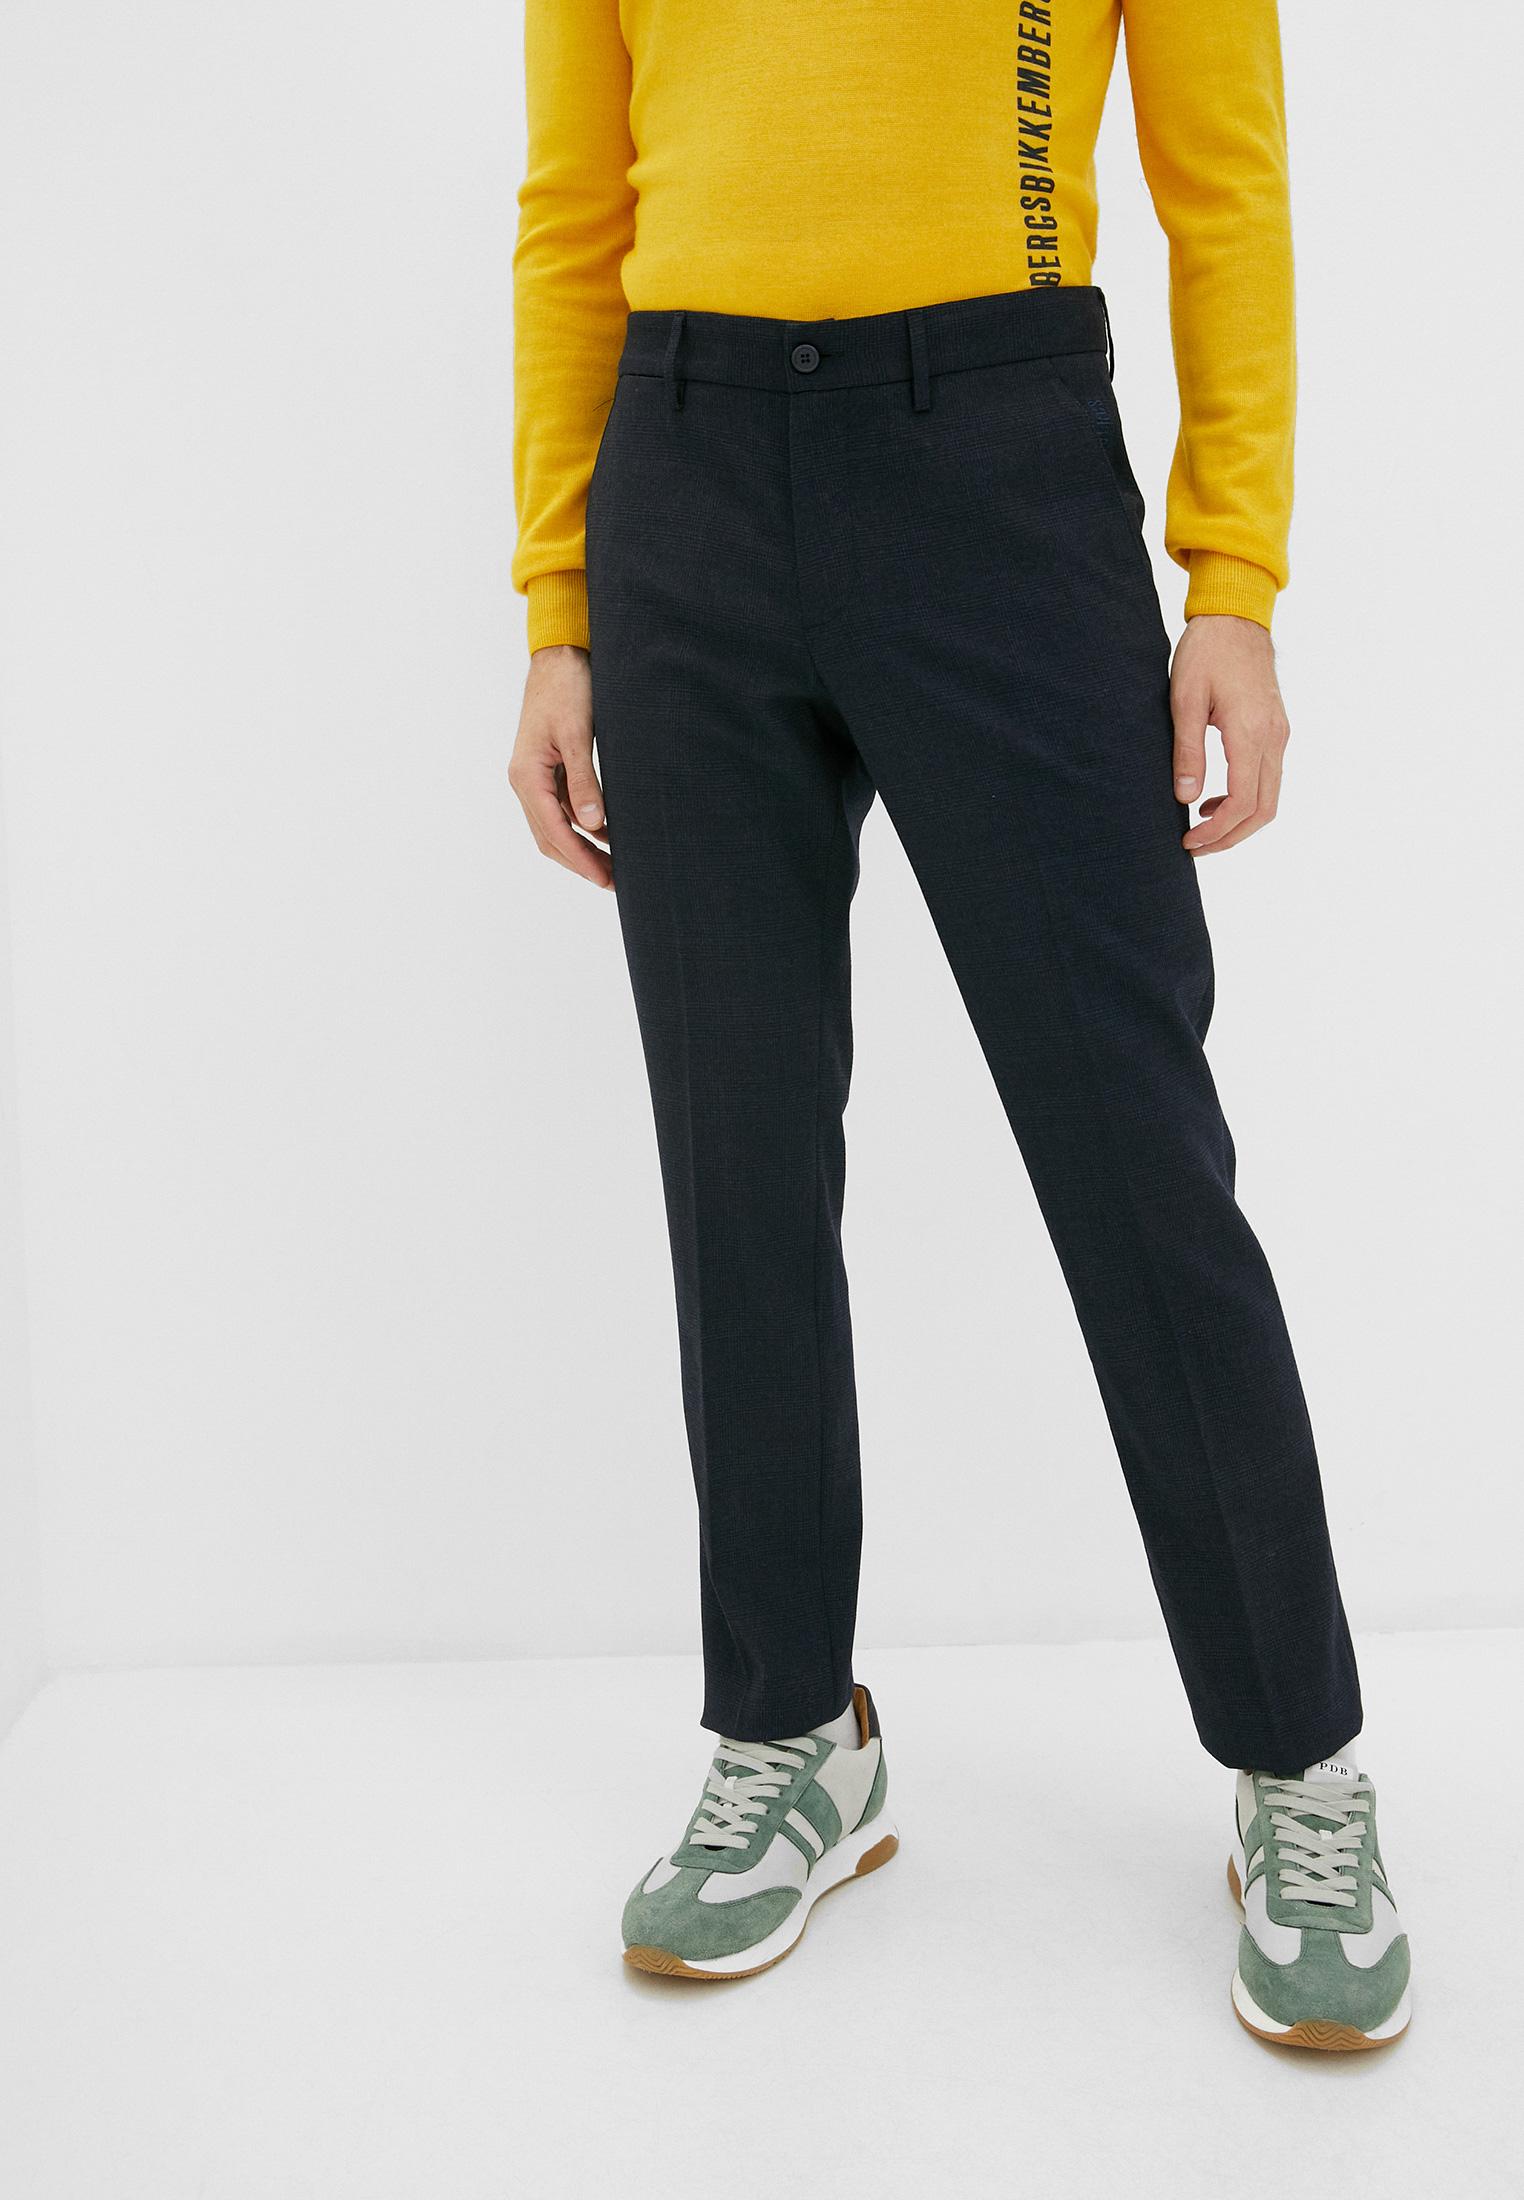 Мужские классические брюки Bikkembergs C P 001 05 S 3467: изображение 6